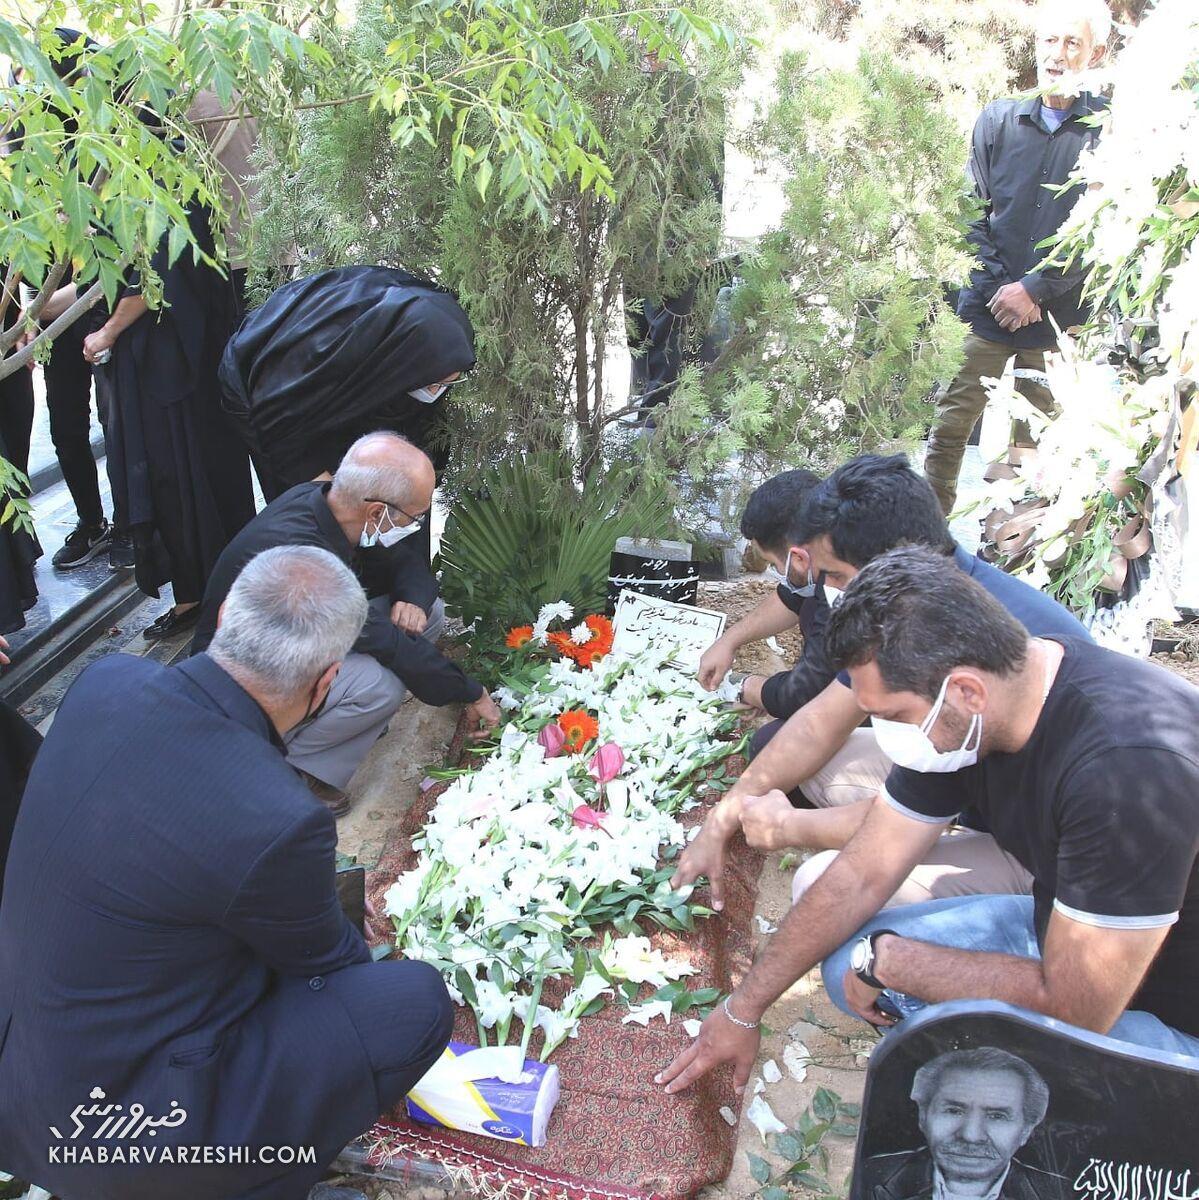 تصاویر  مراسم خاکسپاری خواهر علی پروین در حضور پیشکسوتان پرسپولیس